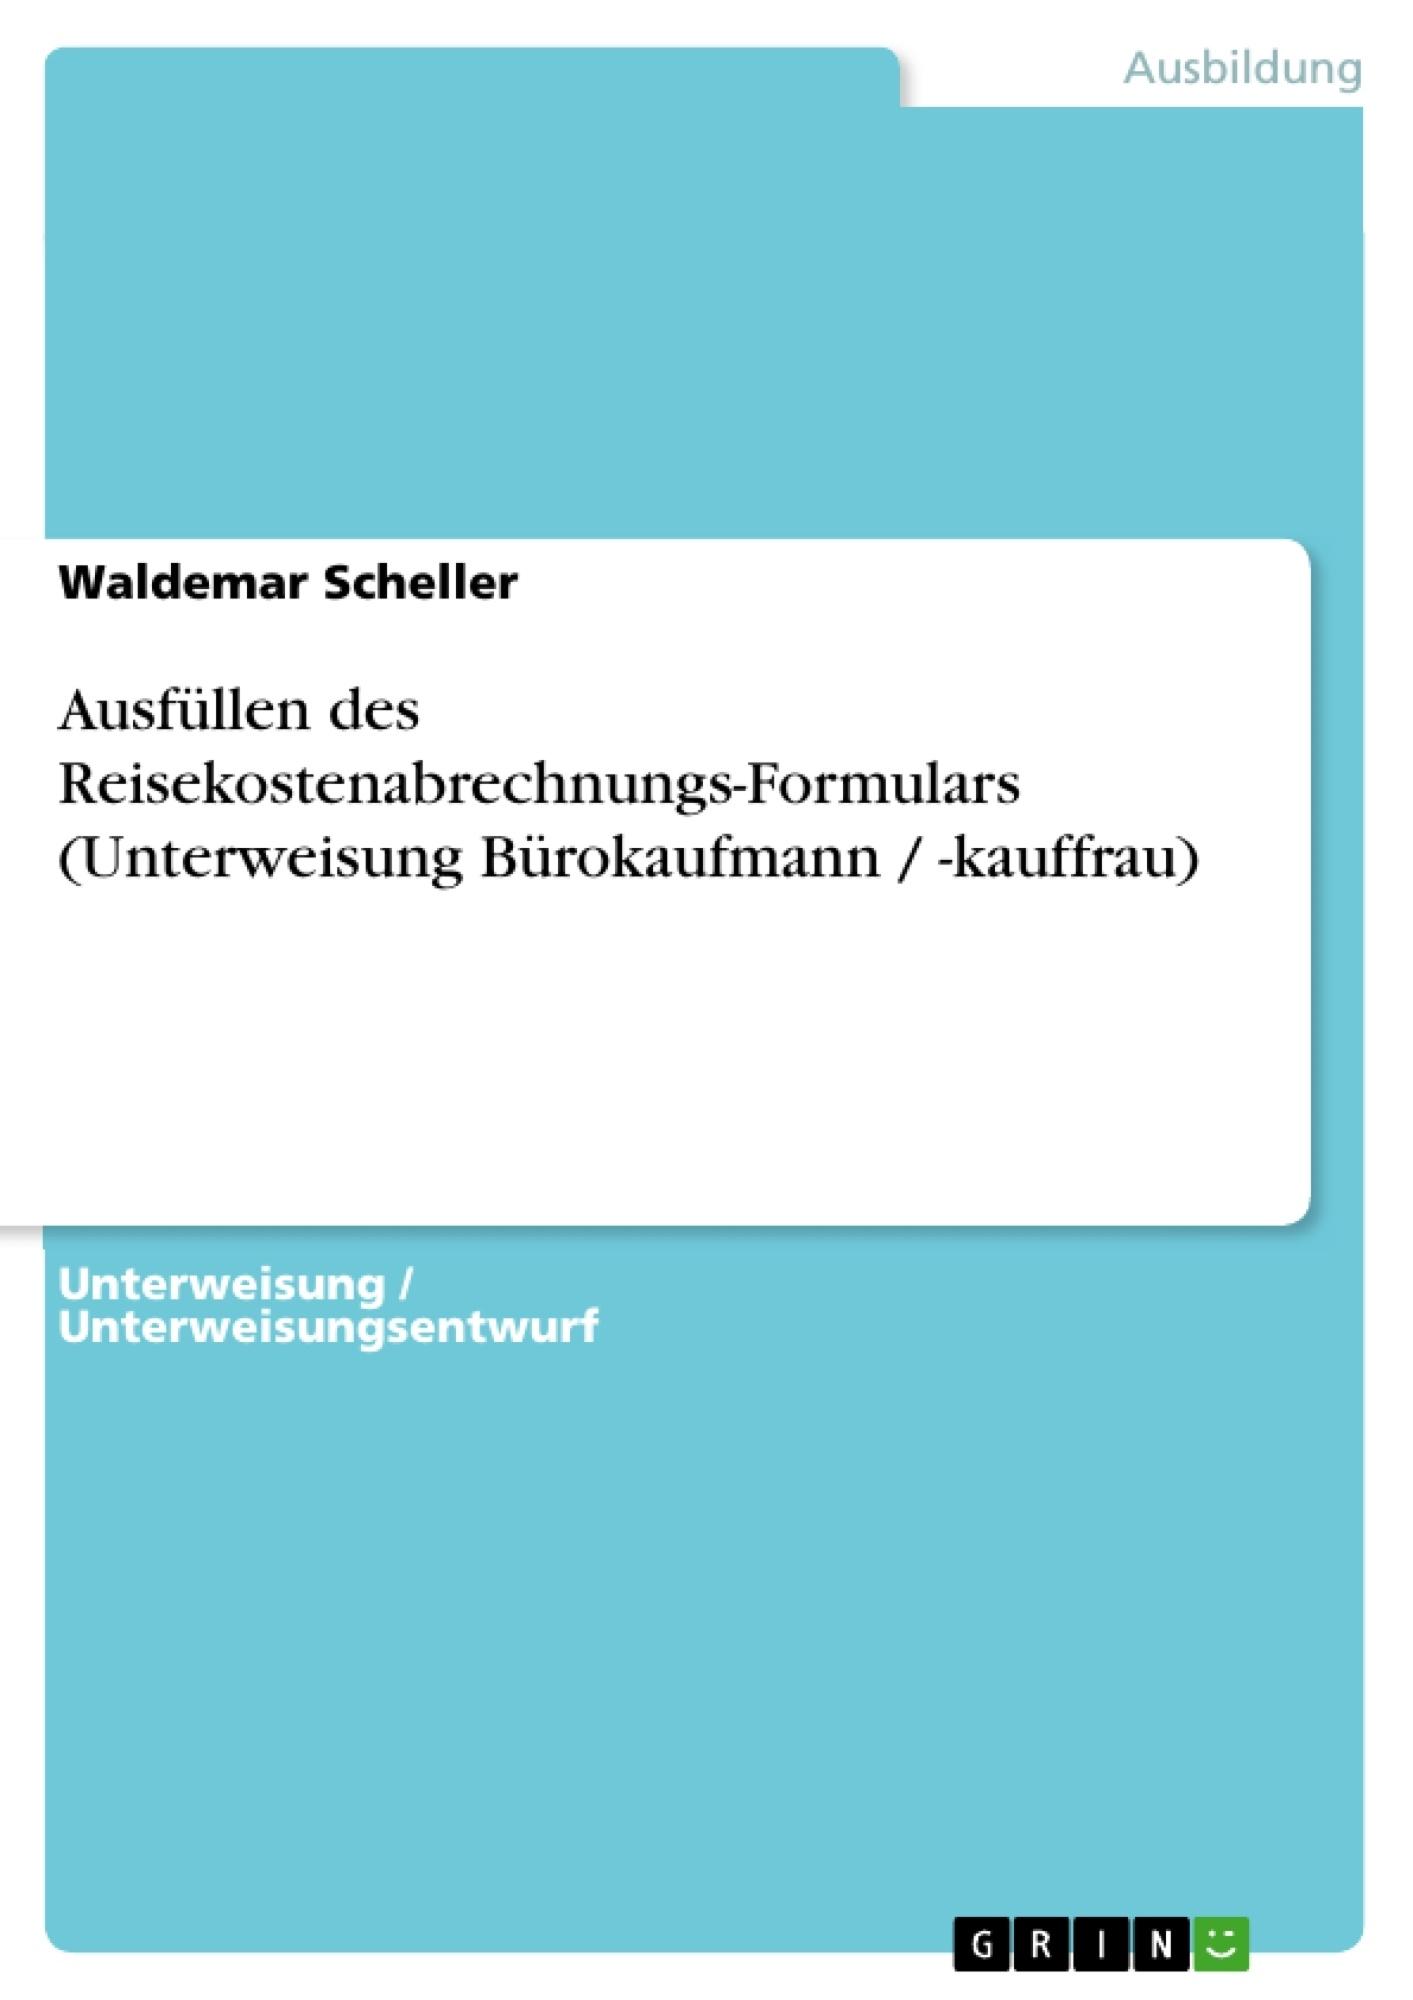 Titel: Ausfüllen des Reisekostenabrechnungs-Formulars (Unterweisung Bürokaufmann / -kauffrau)